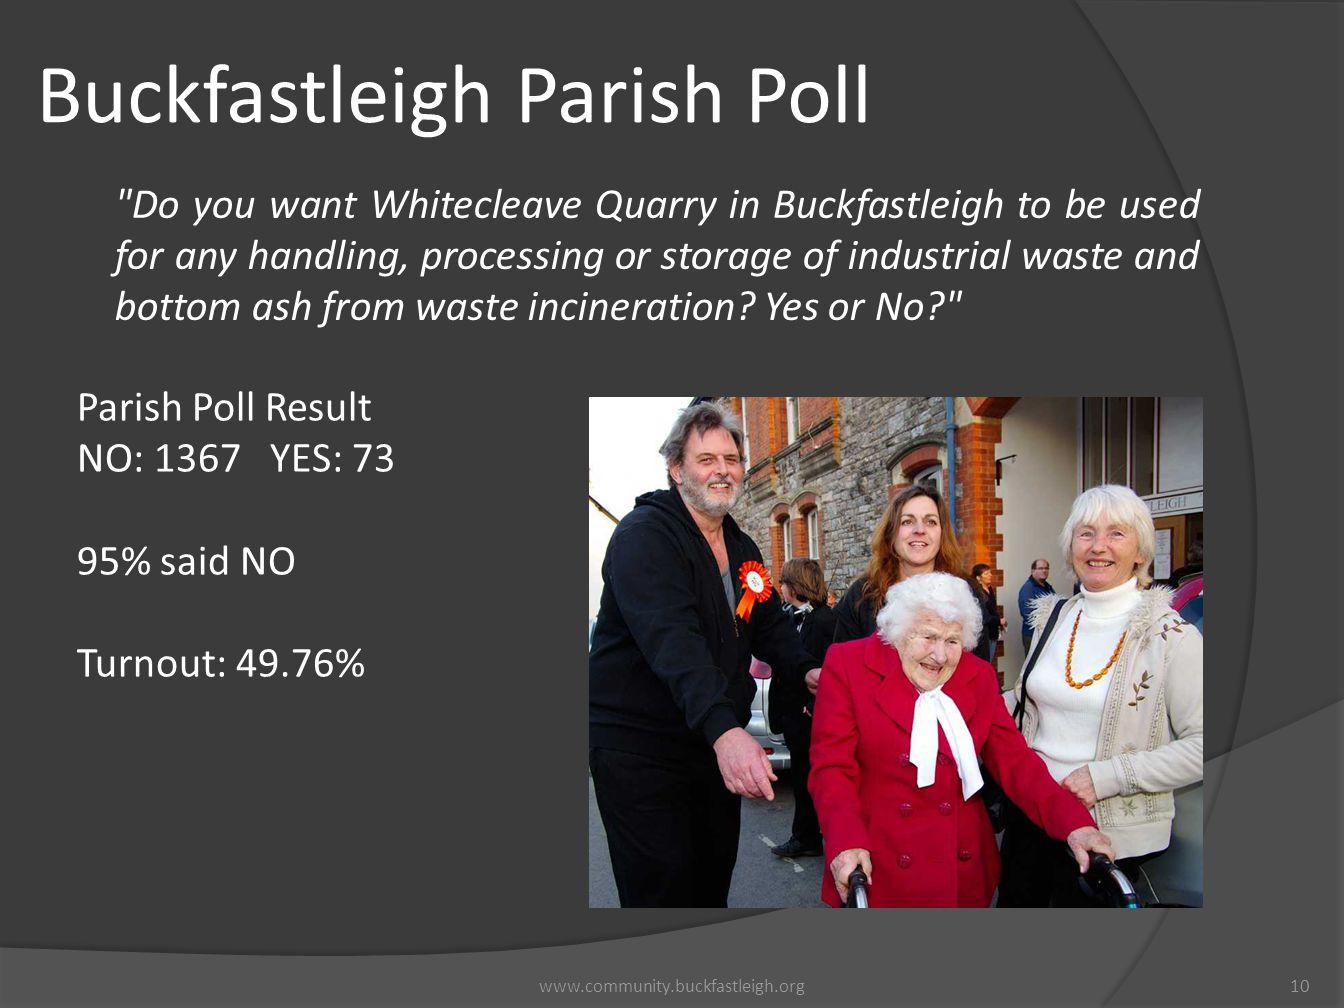 Buckfastleigh Parish Poll